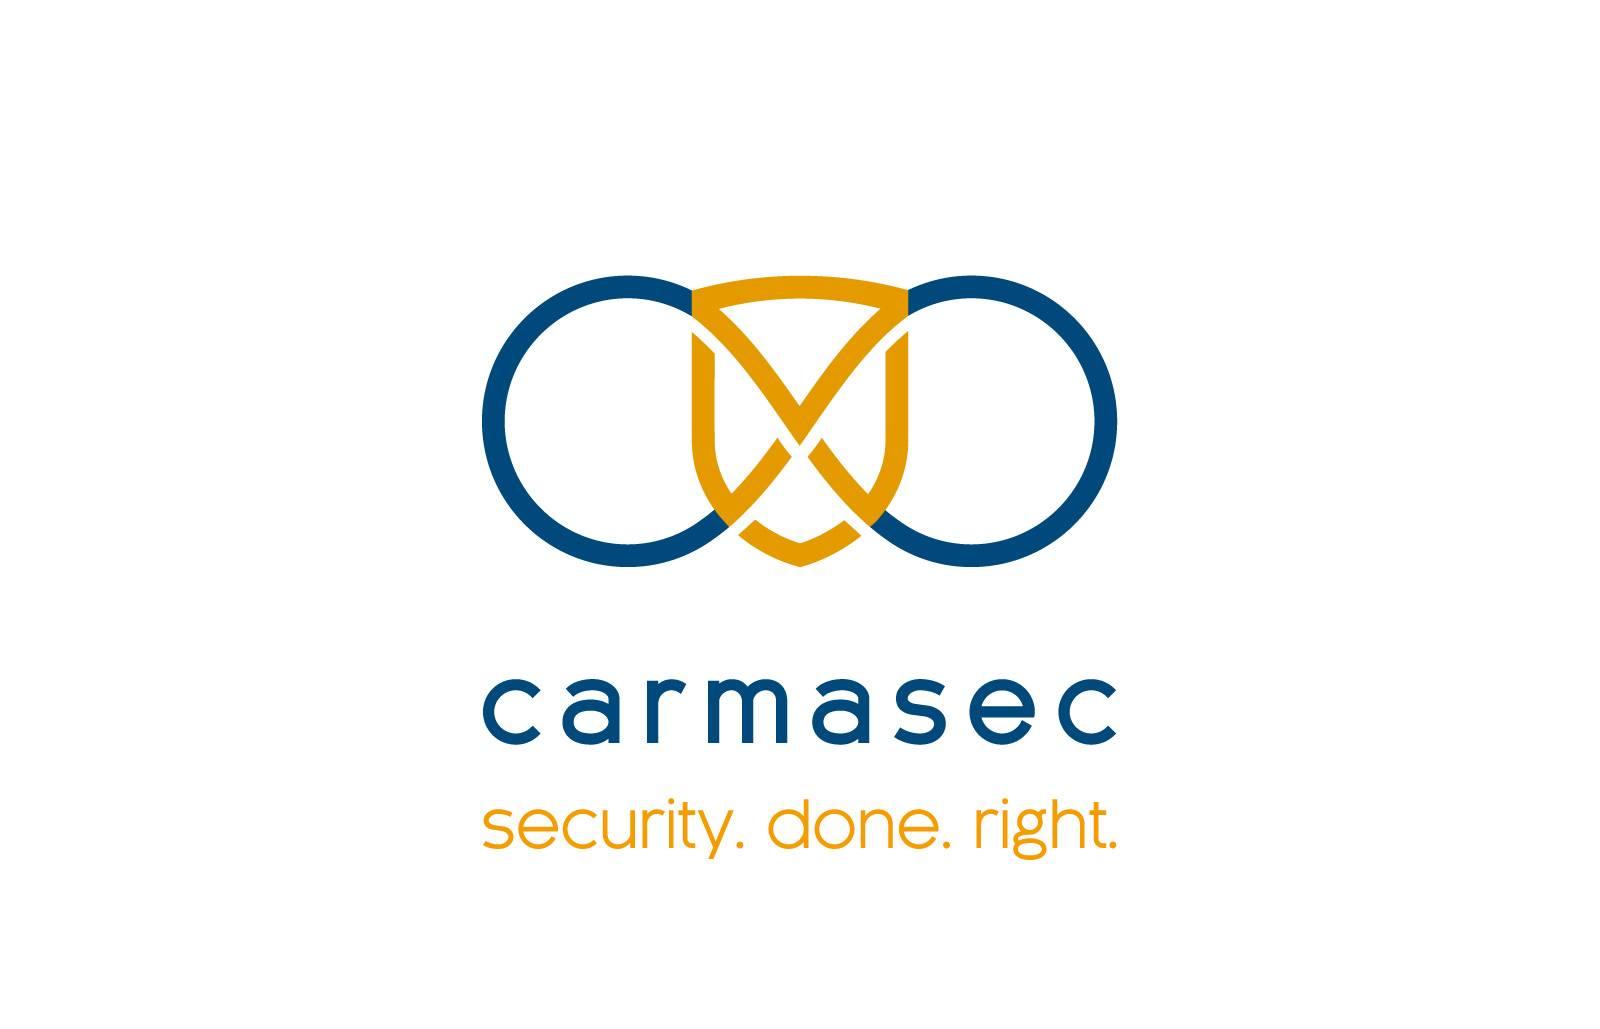 carmasec Logo Name Claim weißer Hintergrund